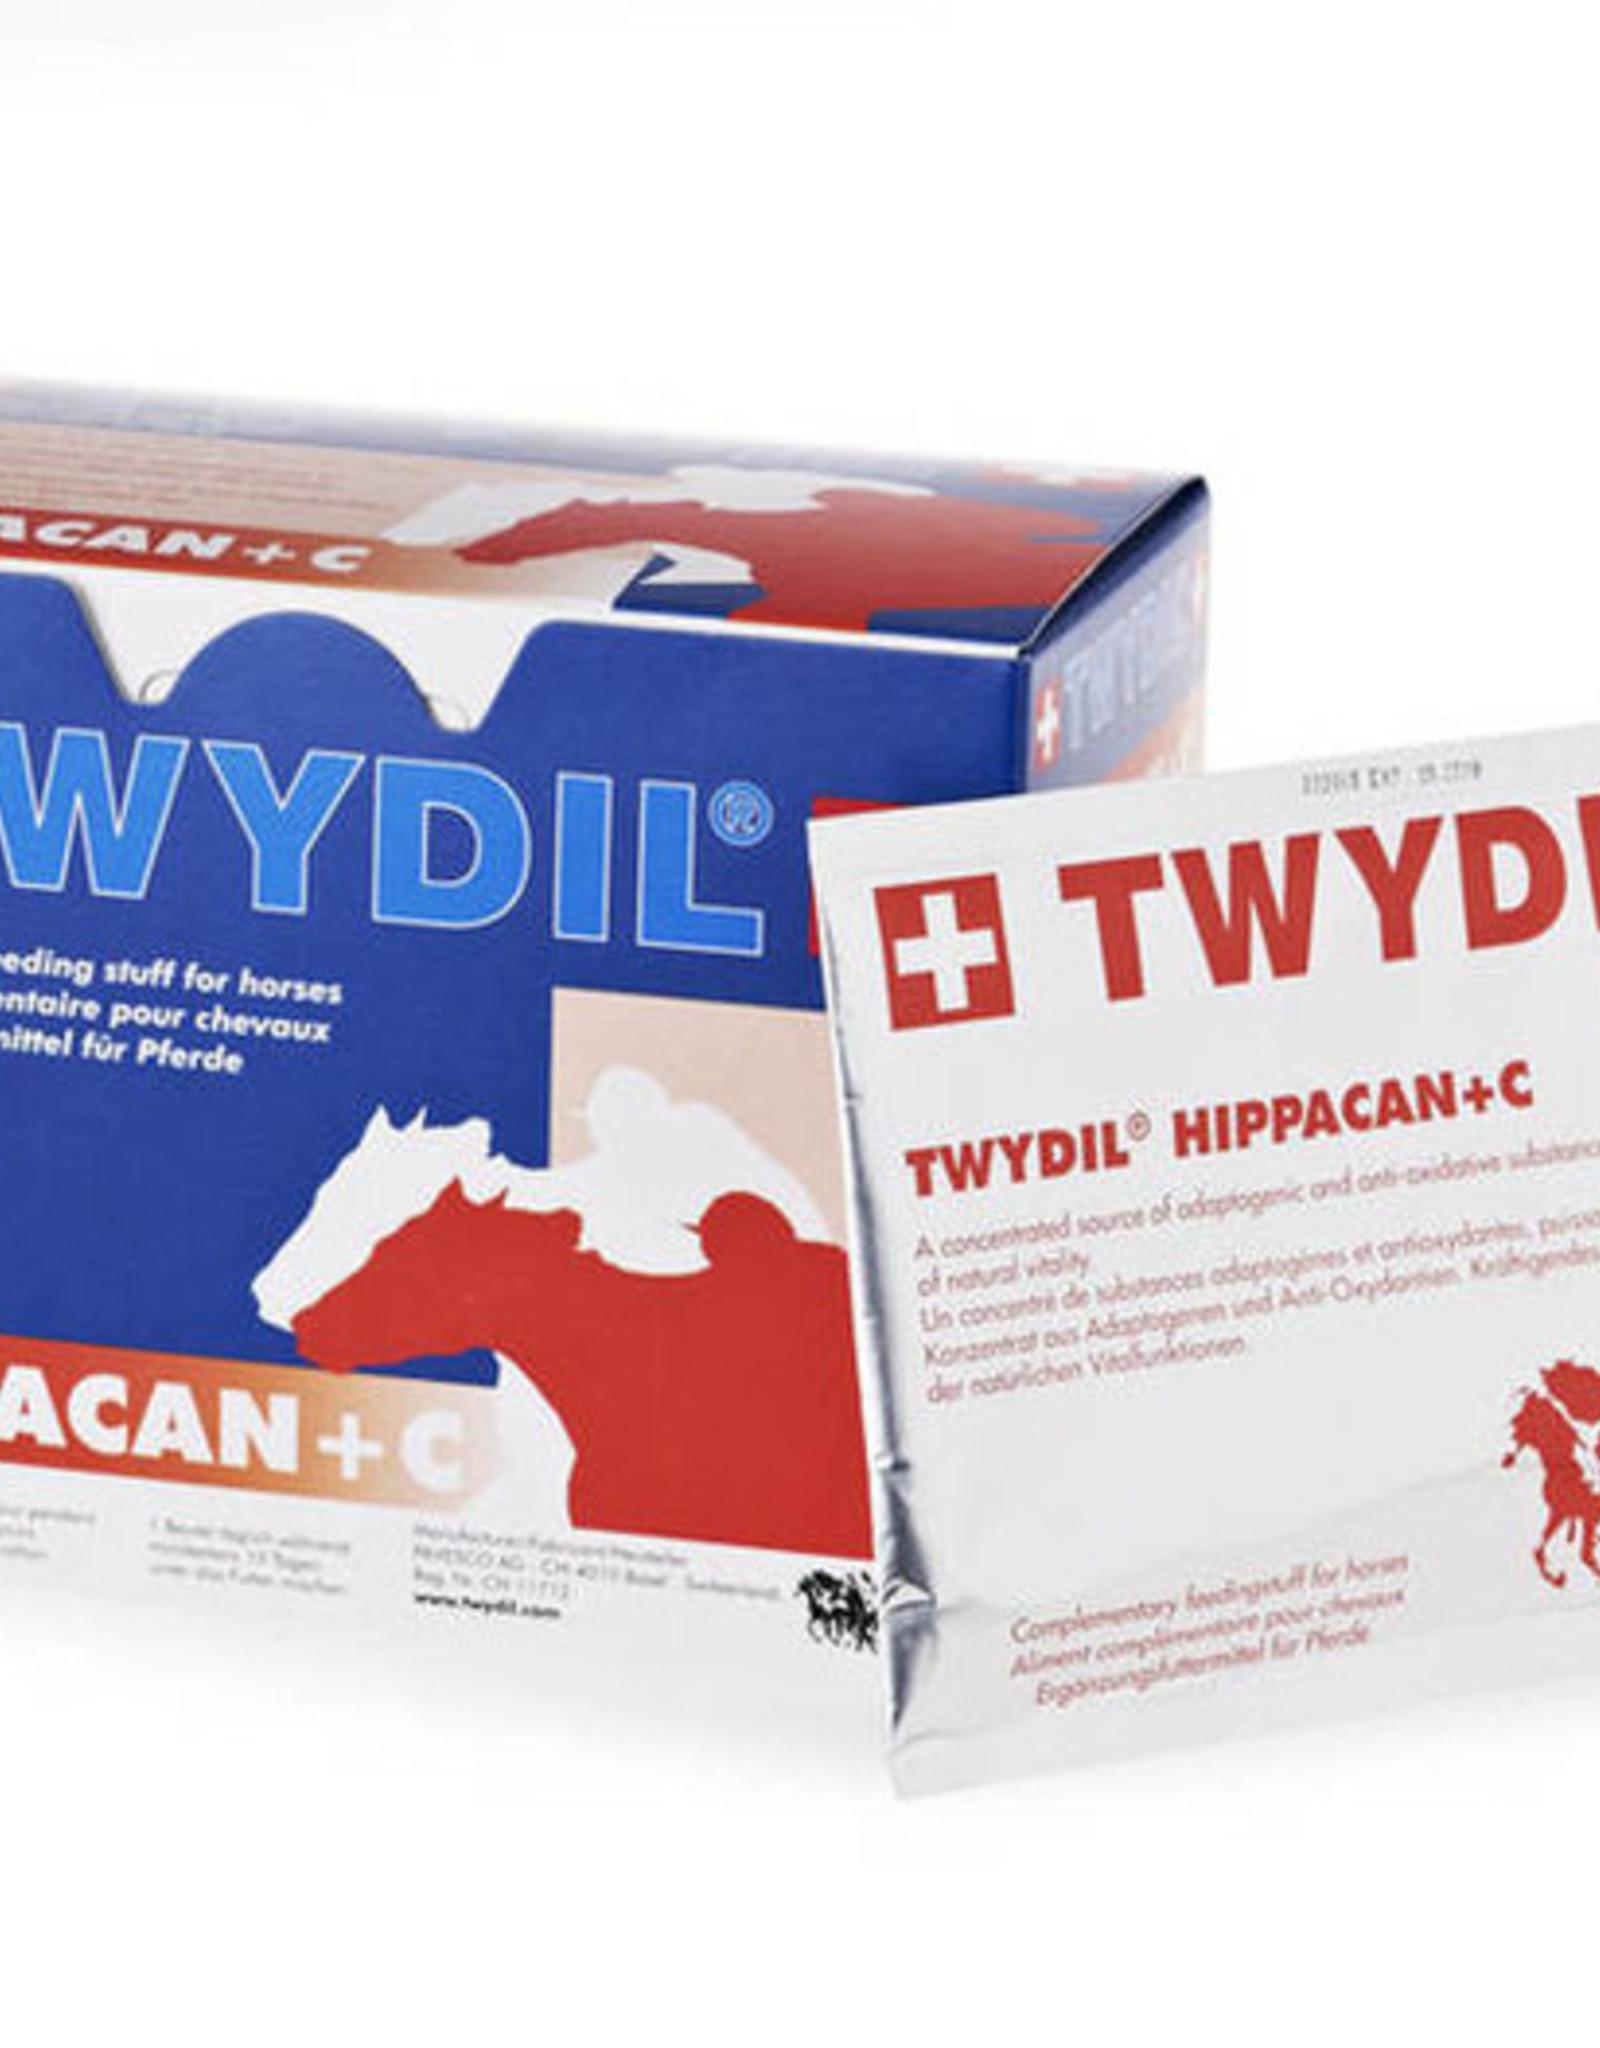 TWYDIL Twydil Hippacan C 50gr